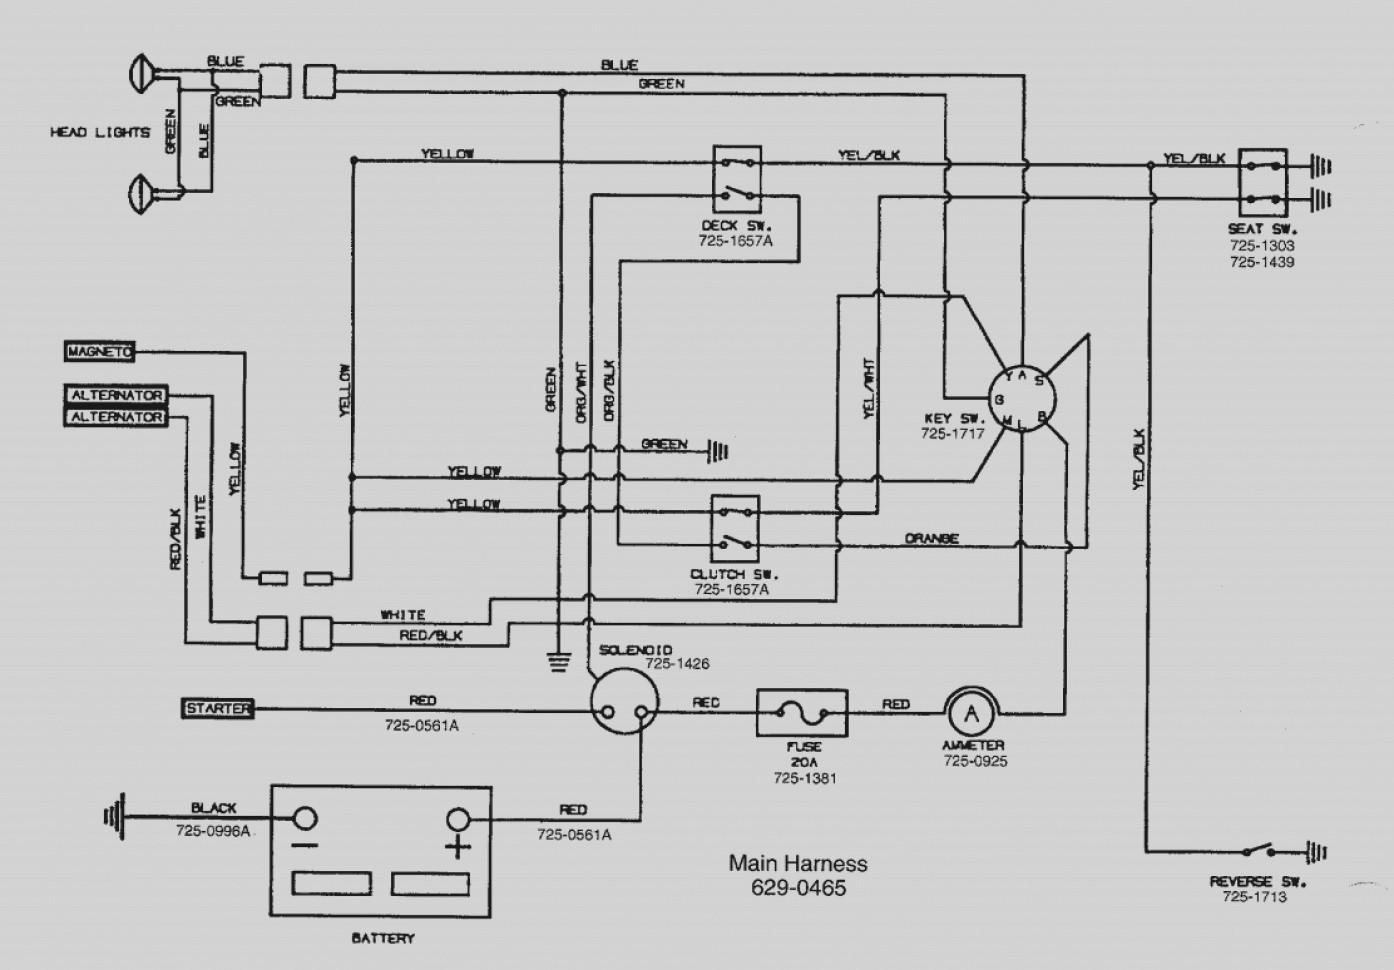 Mower Wiring Diagram Schematic - Wiring Diagram Schematics